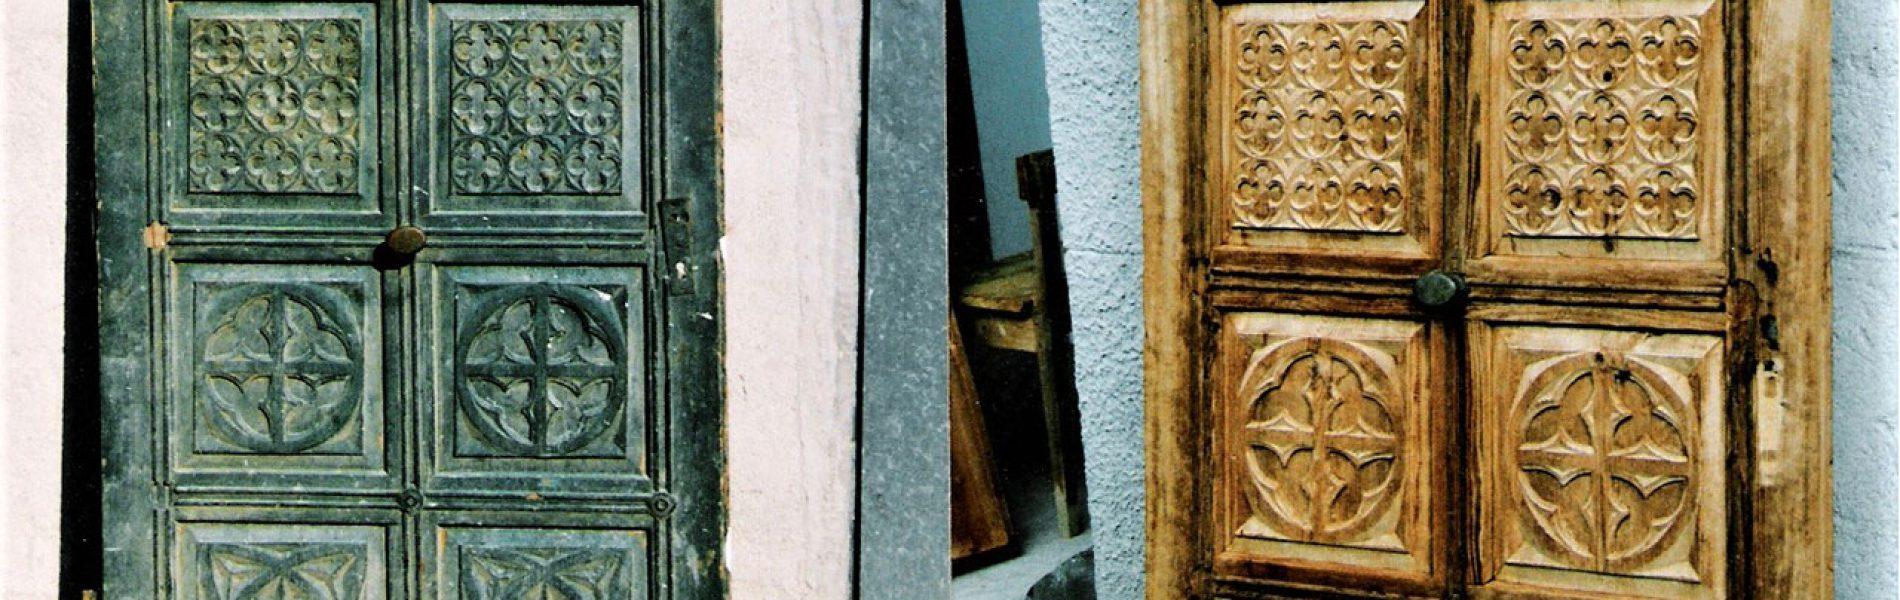 Antike Möbel Tür erneuern